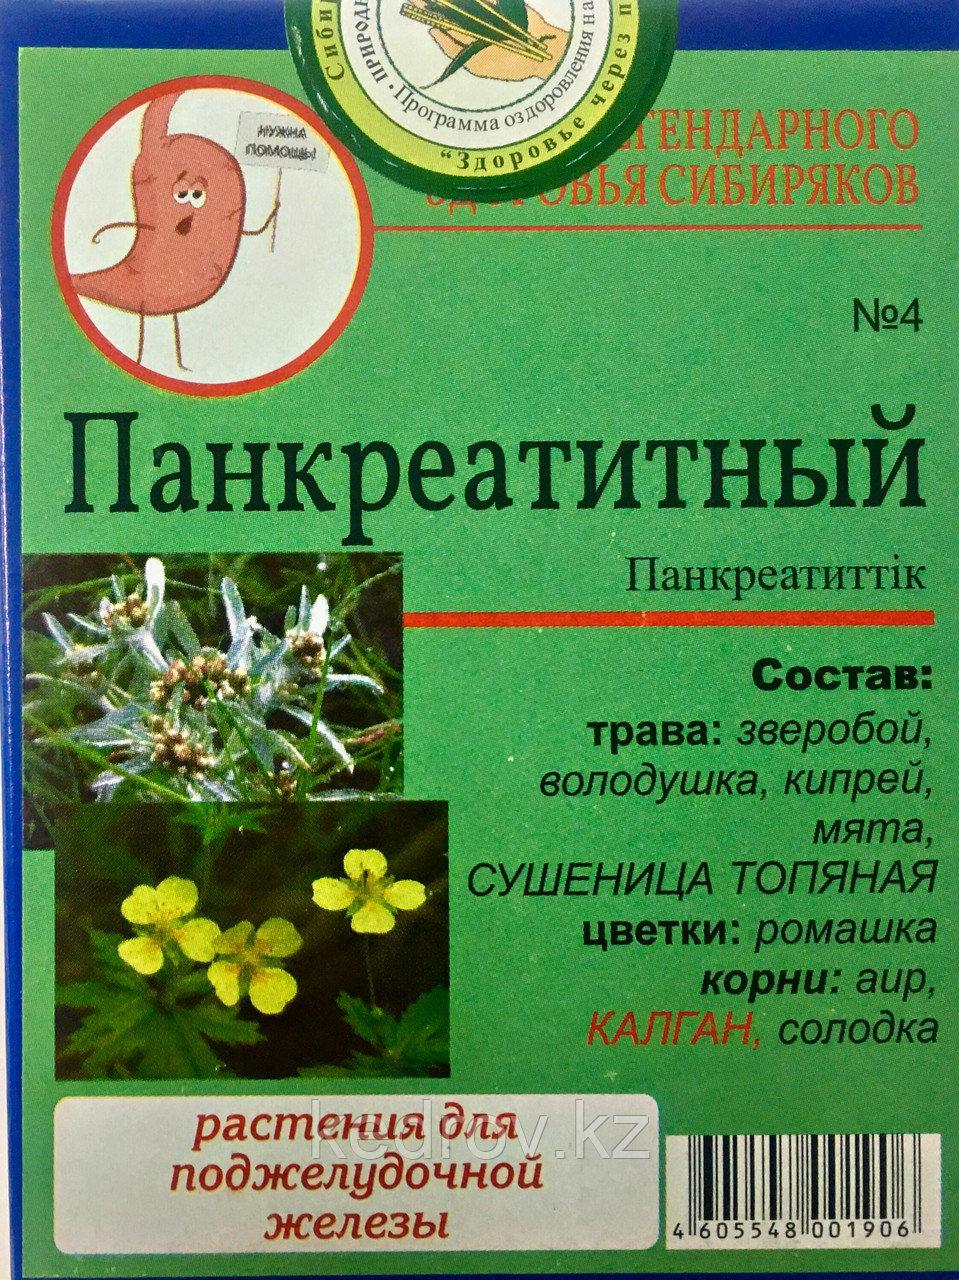 Народный Чай № 4 Панкреатитный, 40 гр (20 ф/п по 2,0г)